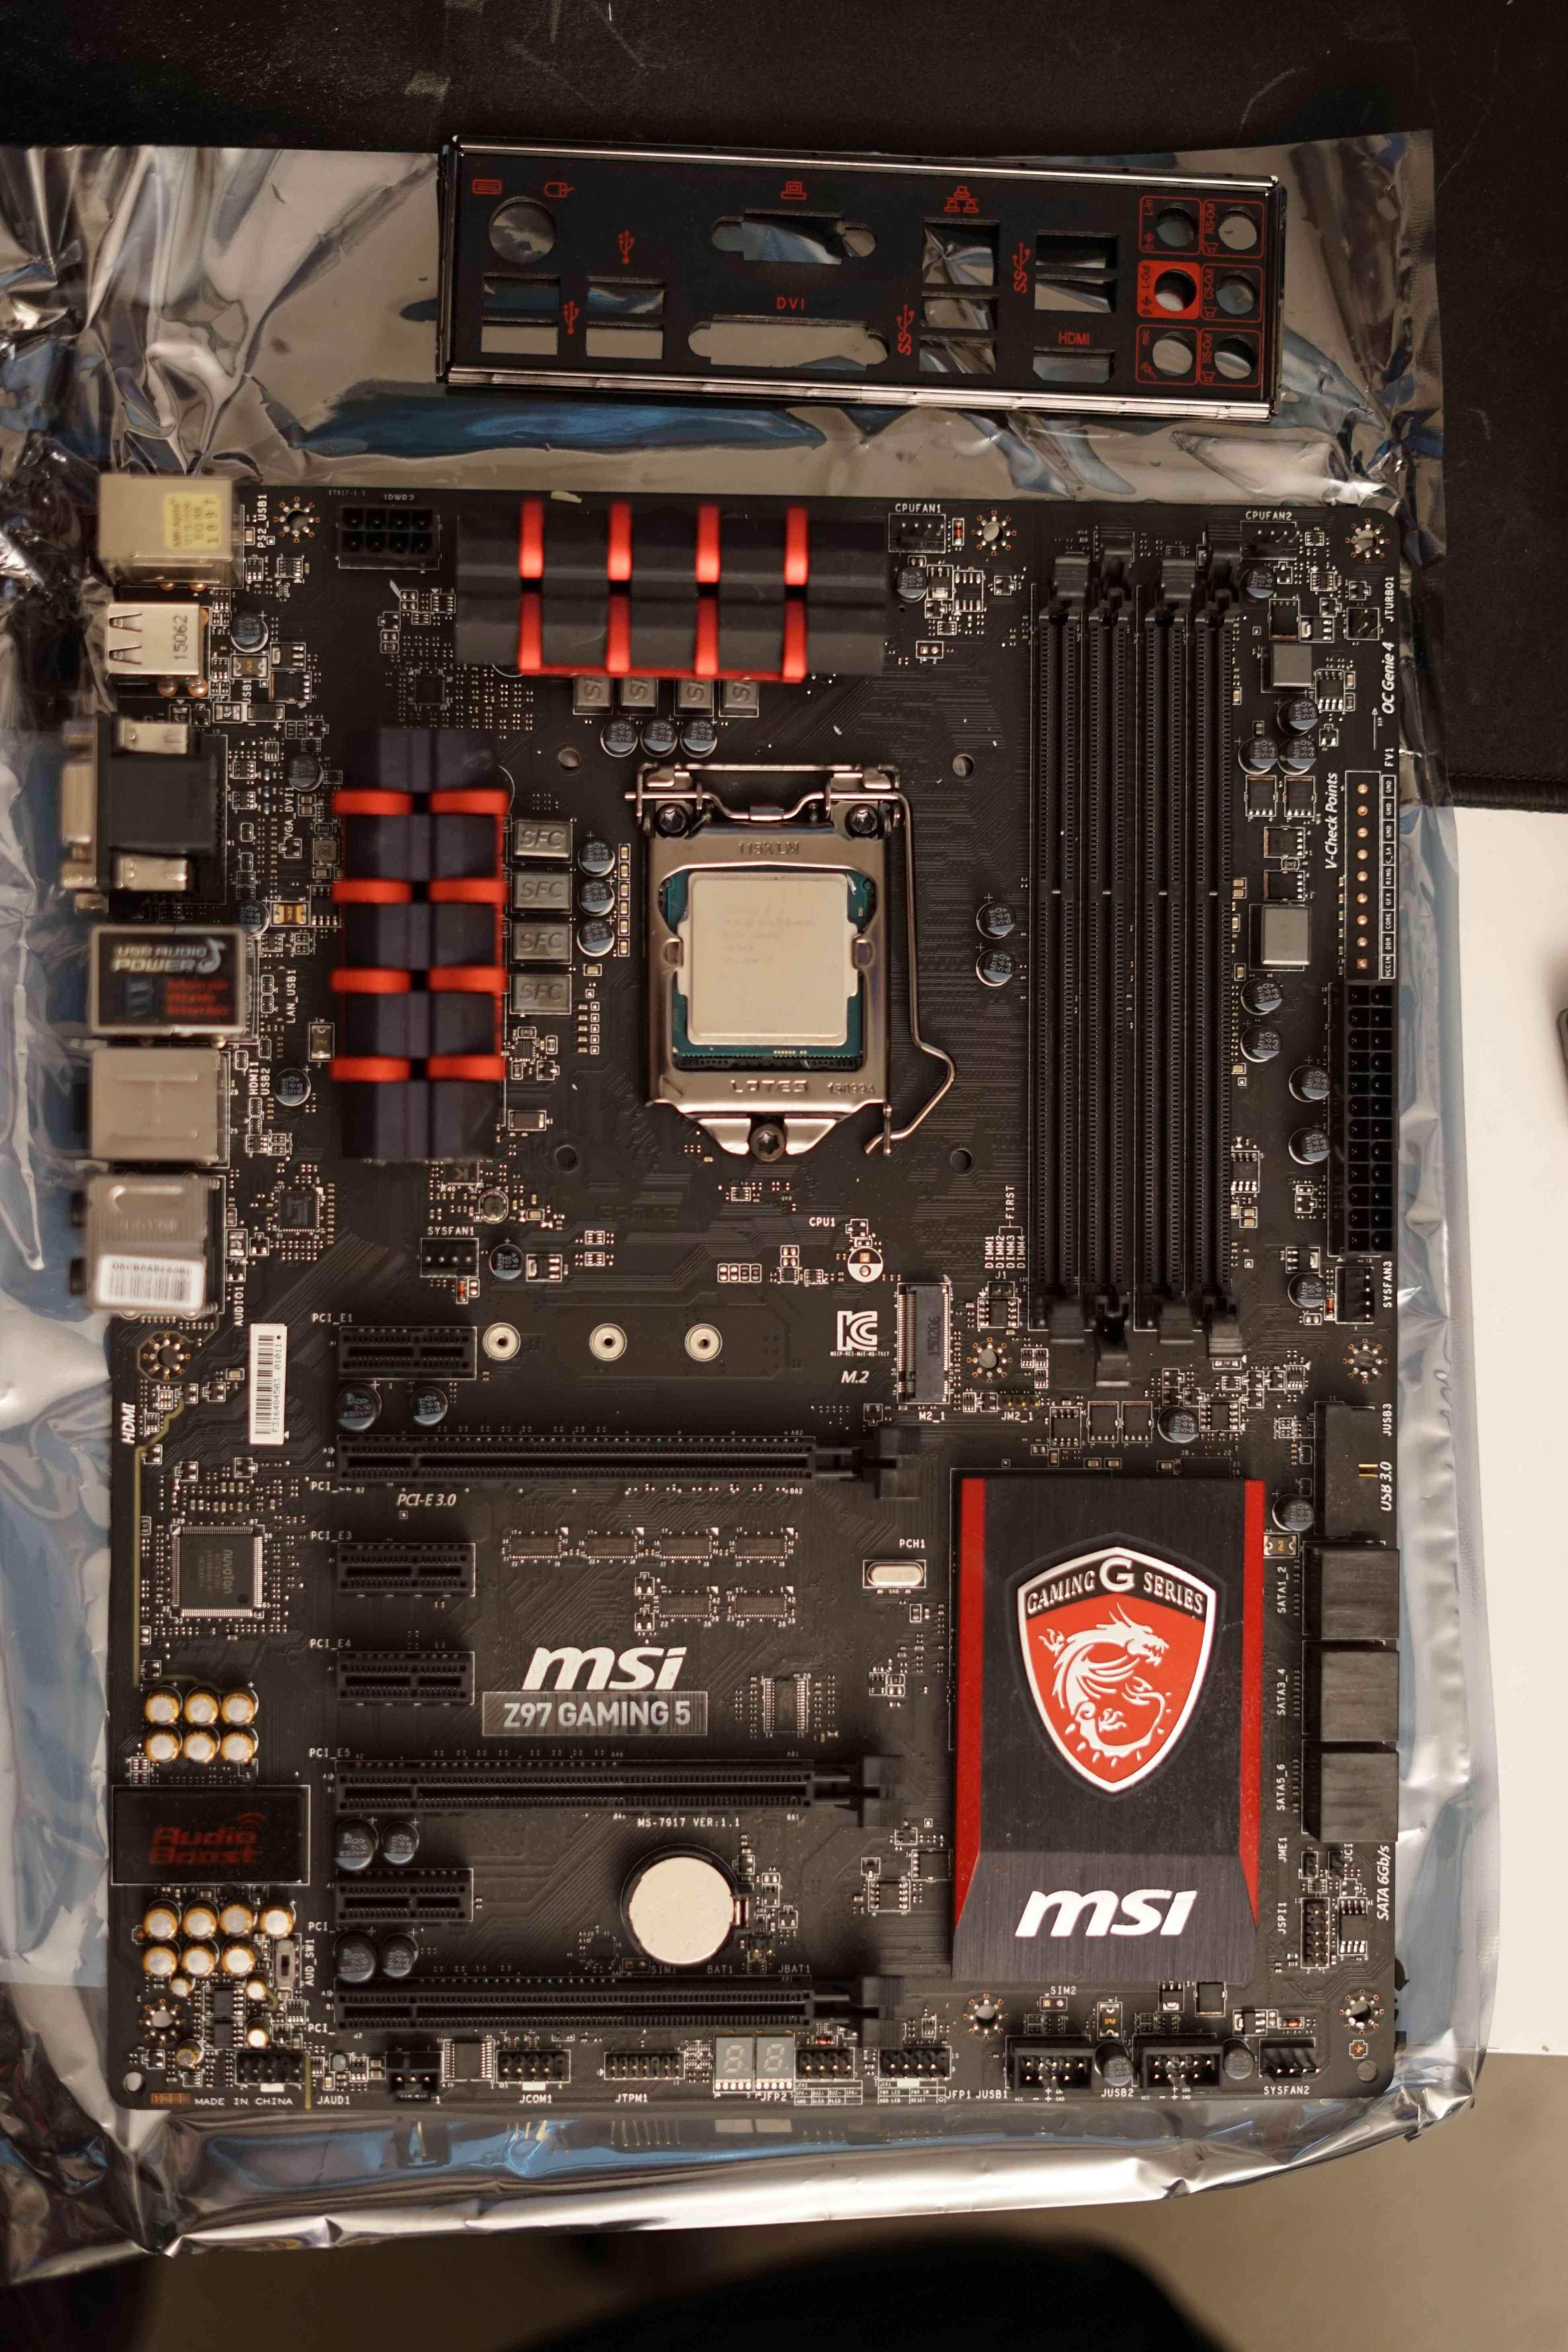 i5 4690k+MSI Z97 Gaming 5+ Corsair Vengeance 2x8gb 1600 mhz